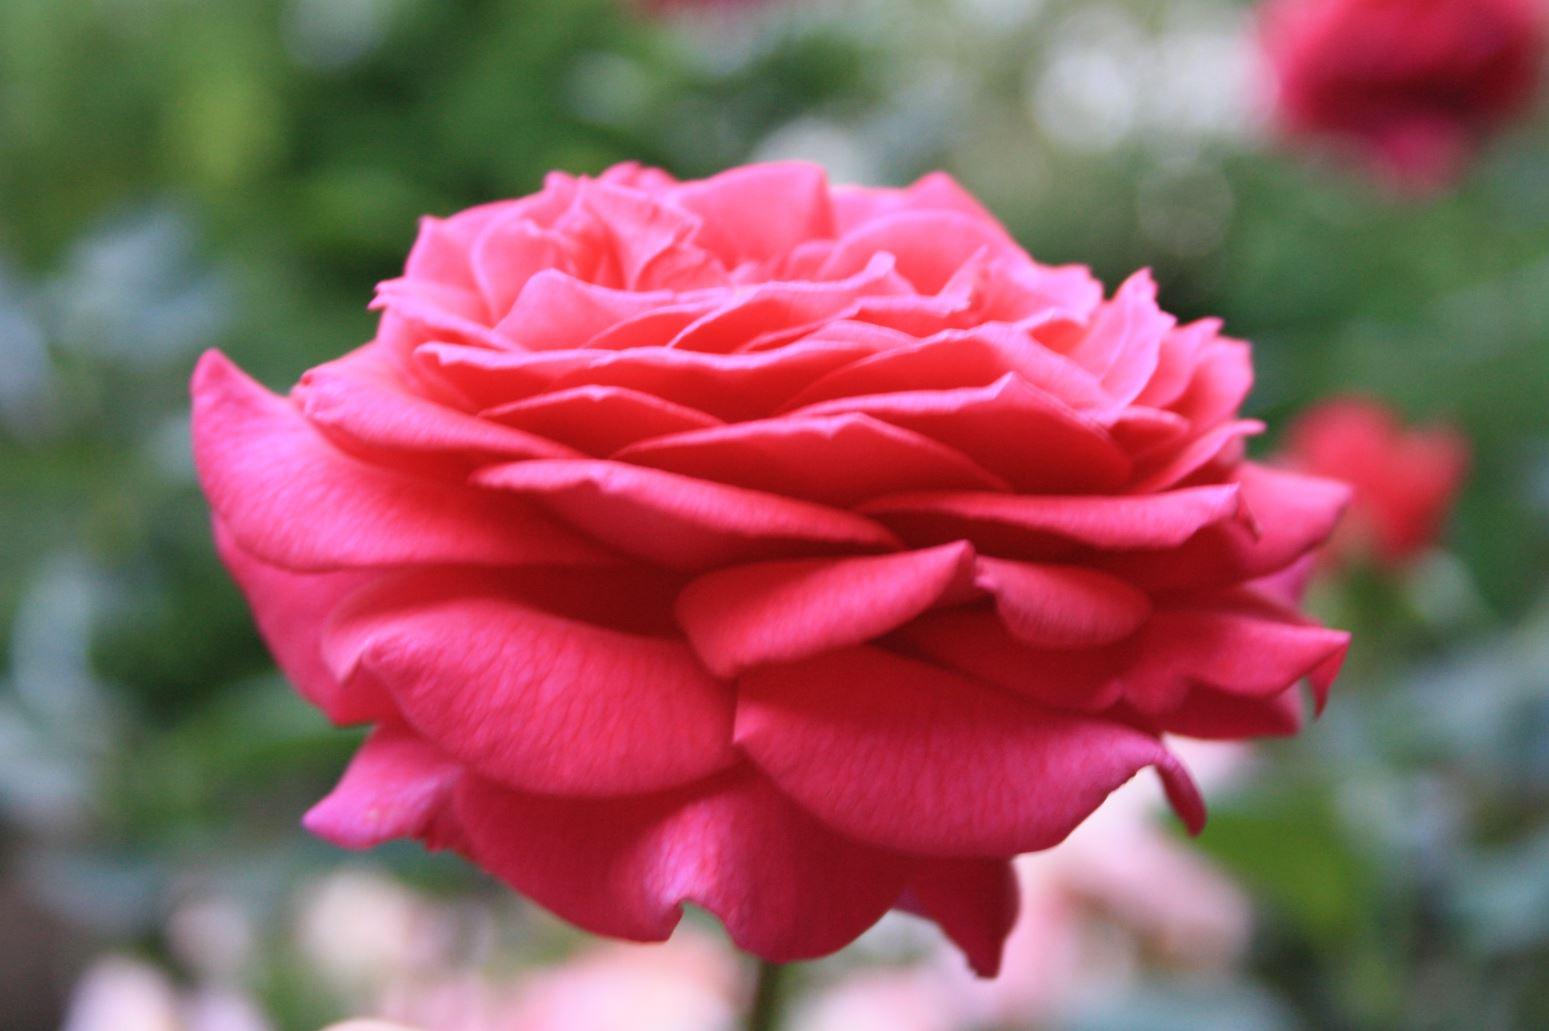 Blumenbeete, Baumarbeiten und Fällarbeiten egal was rufen Sie uns an. Hier sehen Sie eine Blume aus unserem Mustergarten in Augsburgen, Mering oder Fürstenfeldbruck. Die Firma Gartenwicht ist Ihr Partner rund um das Thema Garten und Landschaftsbau